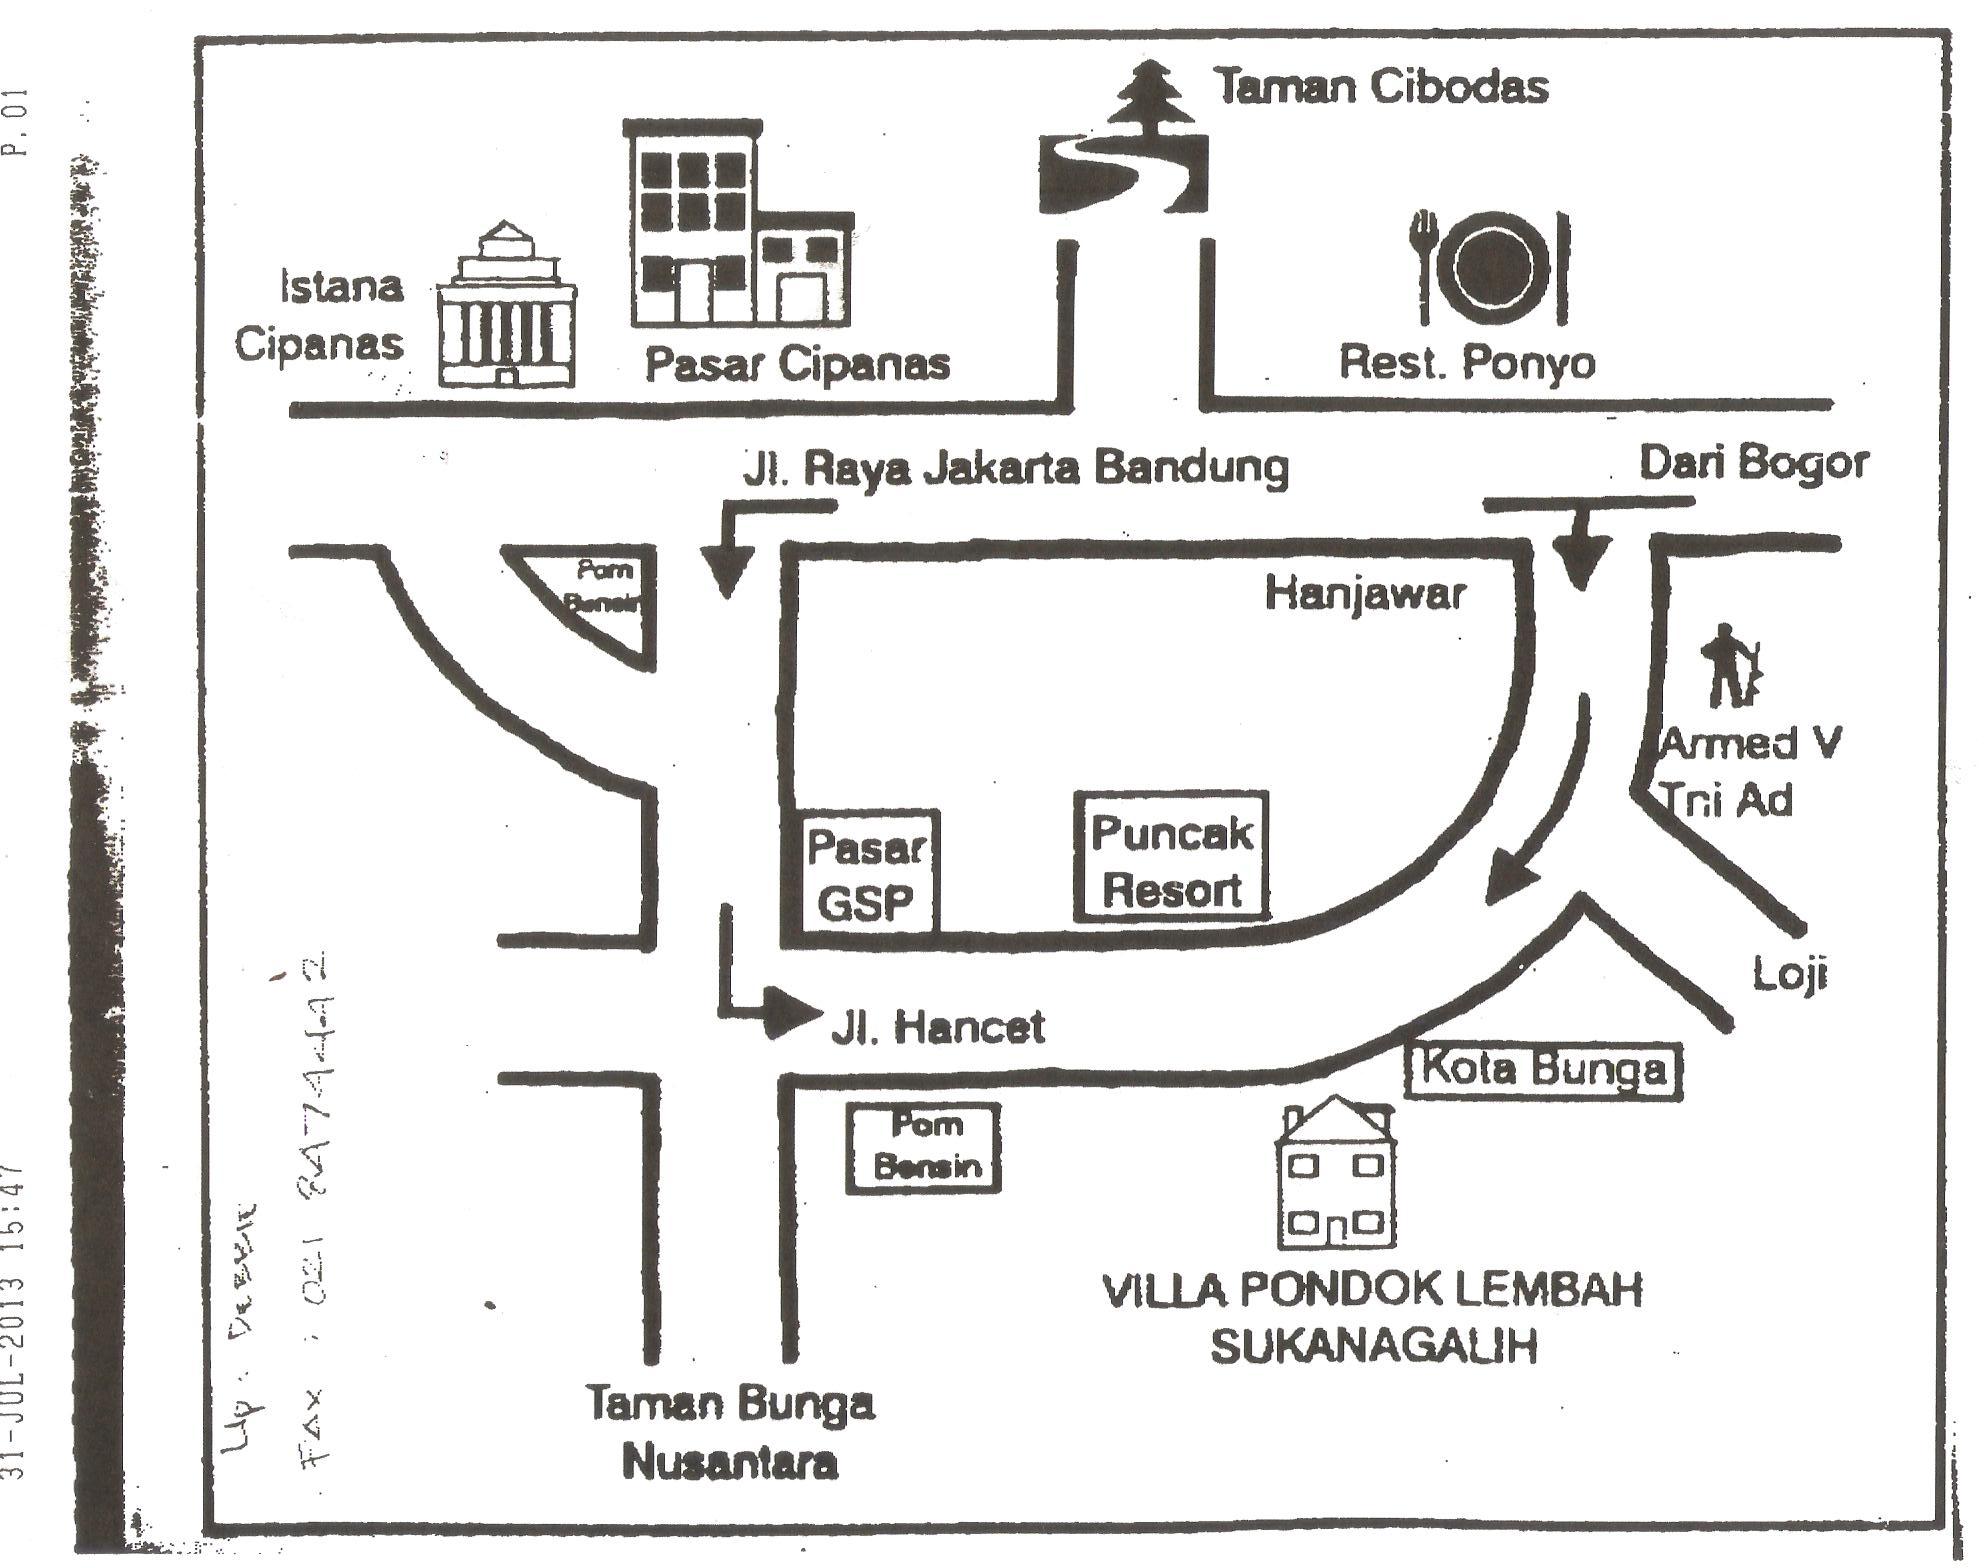 peta lokasi ppn gkii 2013